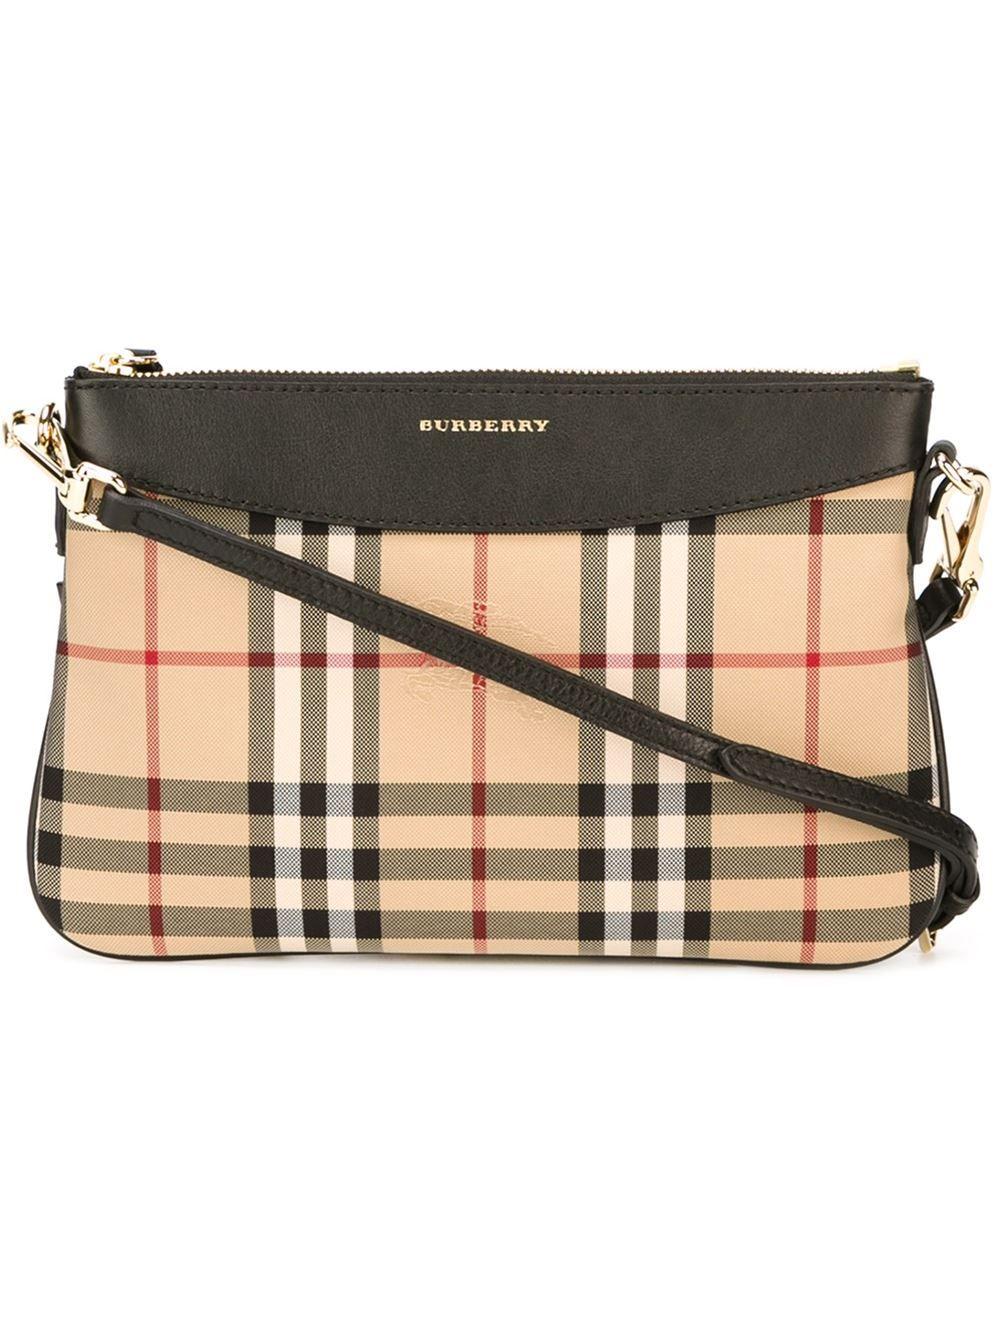 aba0f11e5718 Burberry Horseferry check crossbody bag